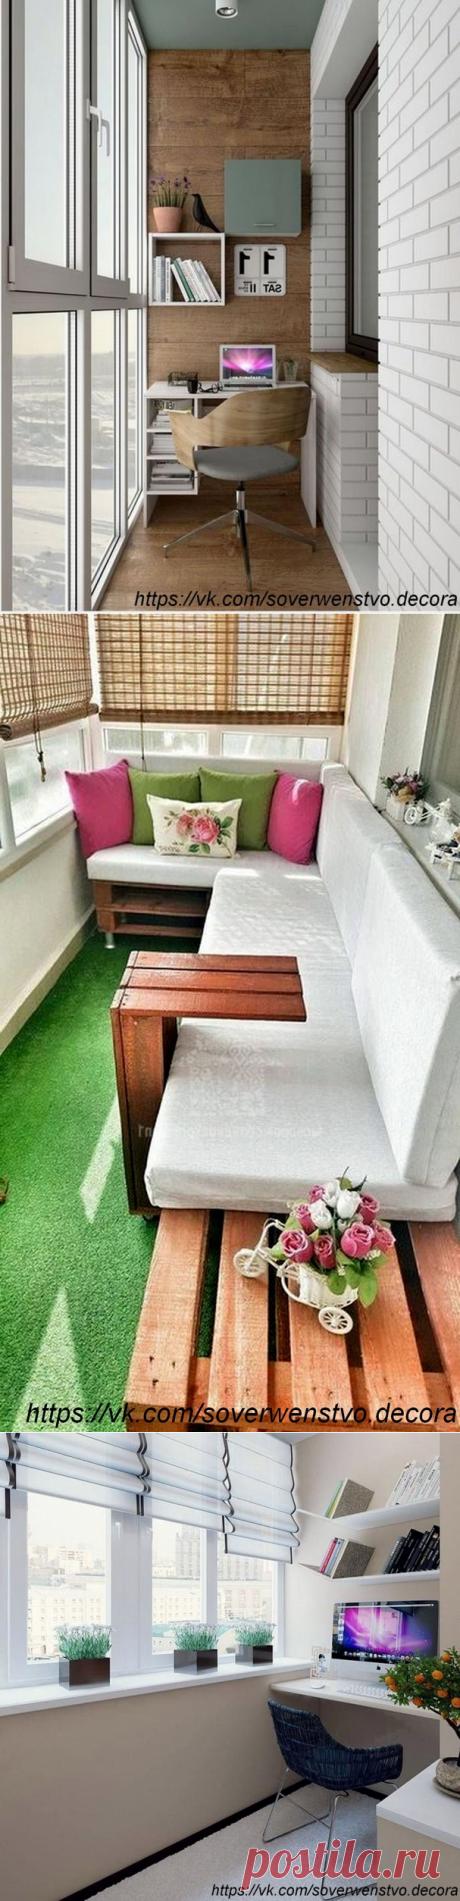 Идеи для застекленных балконов: пусть вечера станут уютнее — Сделай сам, идеи для творчества - DIY Ideas